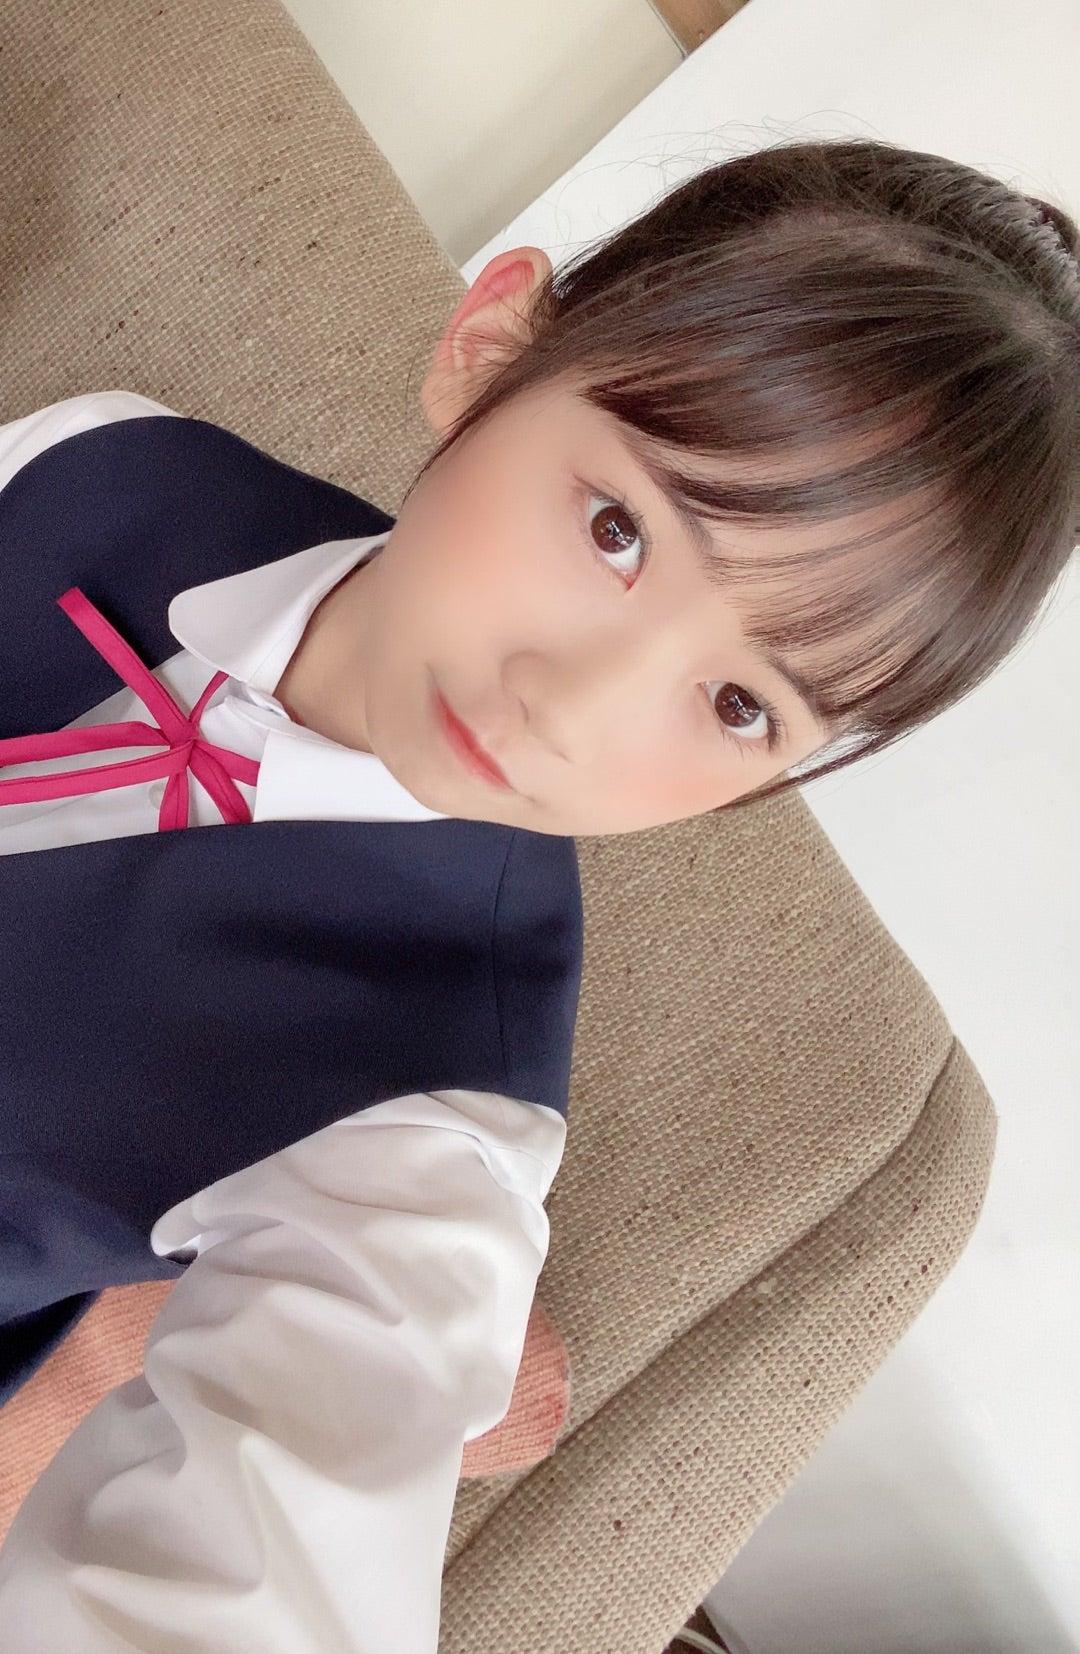 [img]https://stat.ameba.jp/user_images/20200501/21/morningmusume15ki/1e/a9/j/o1080165414752028954.jpg[/img]